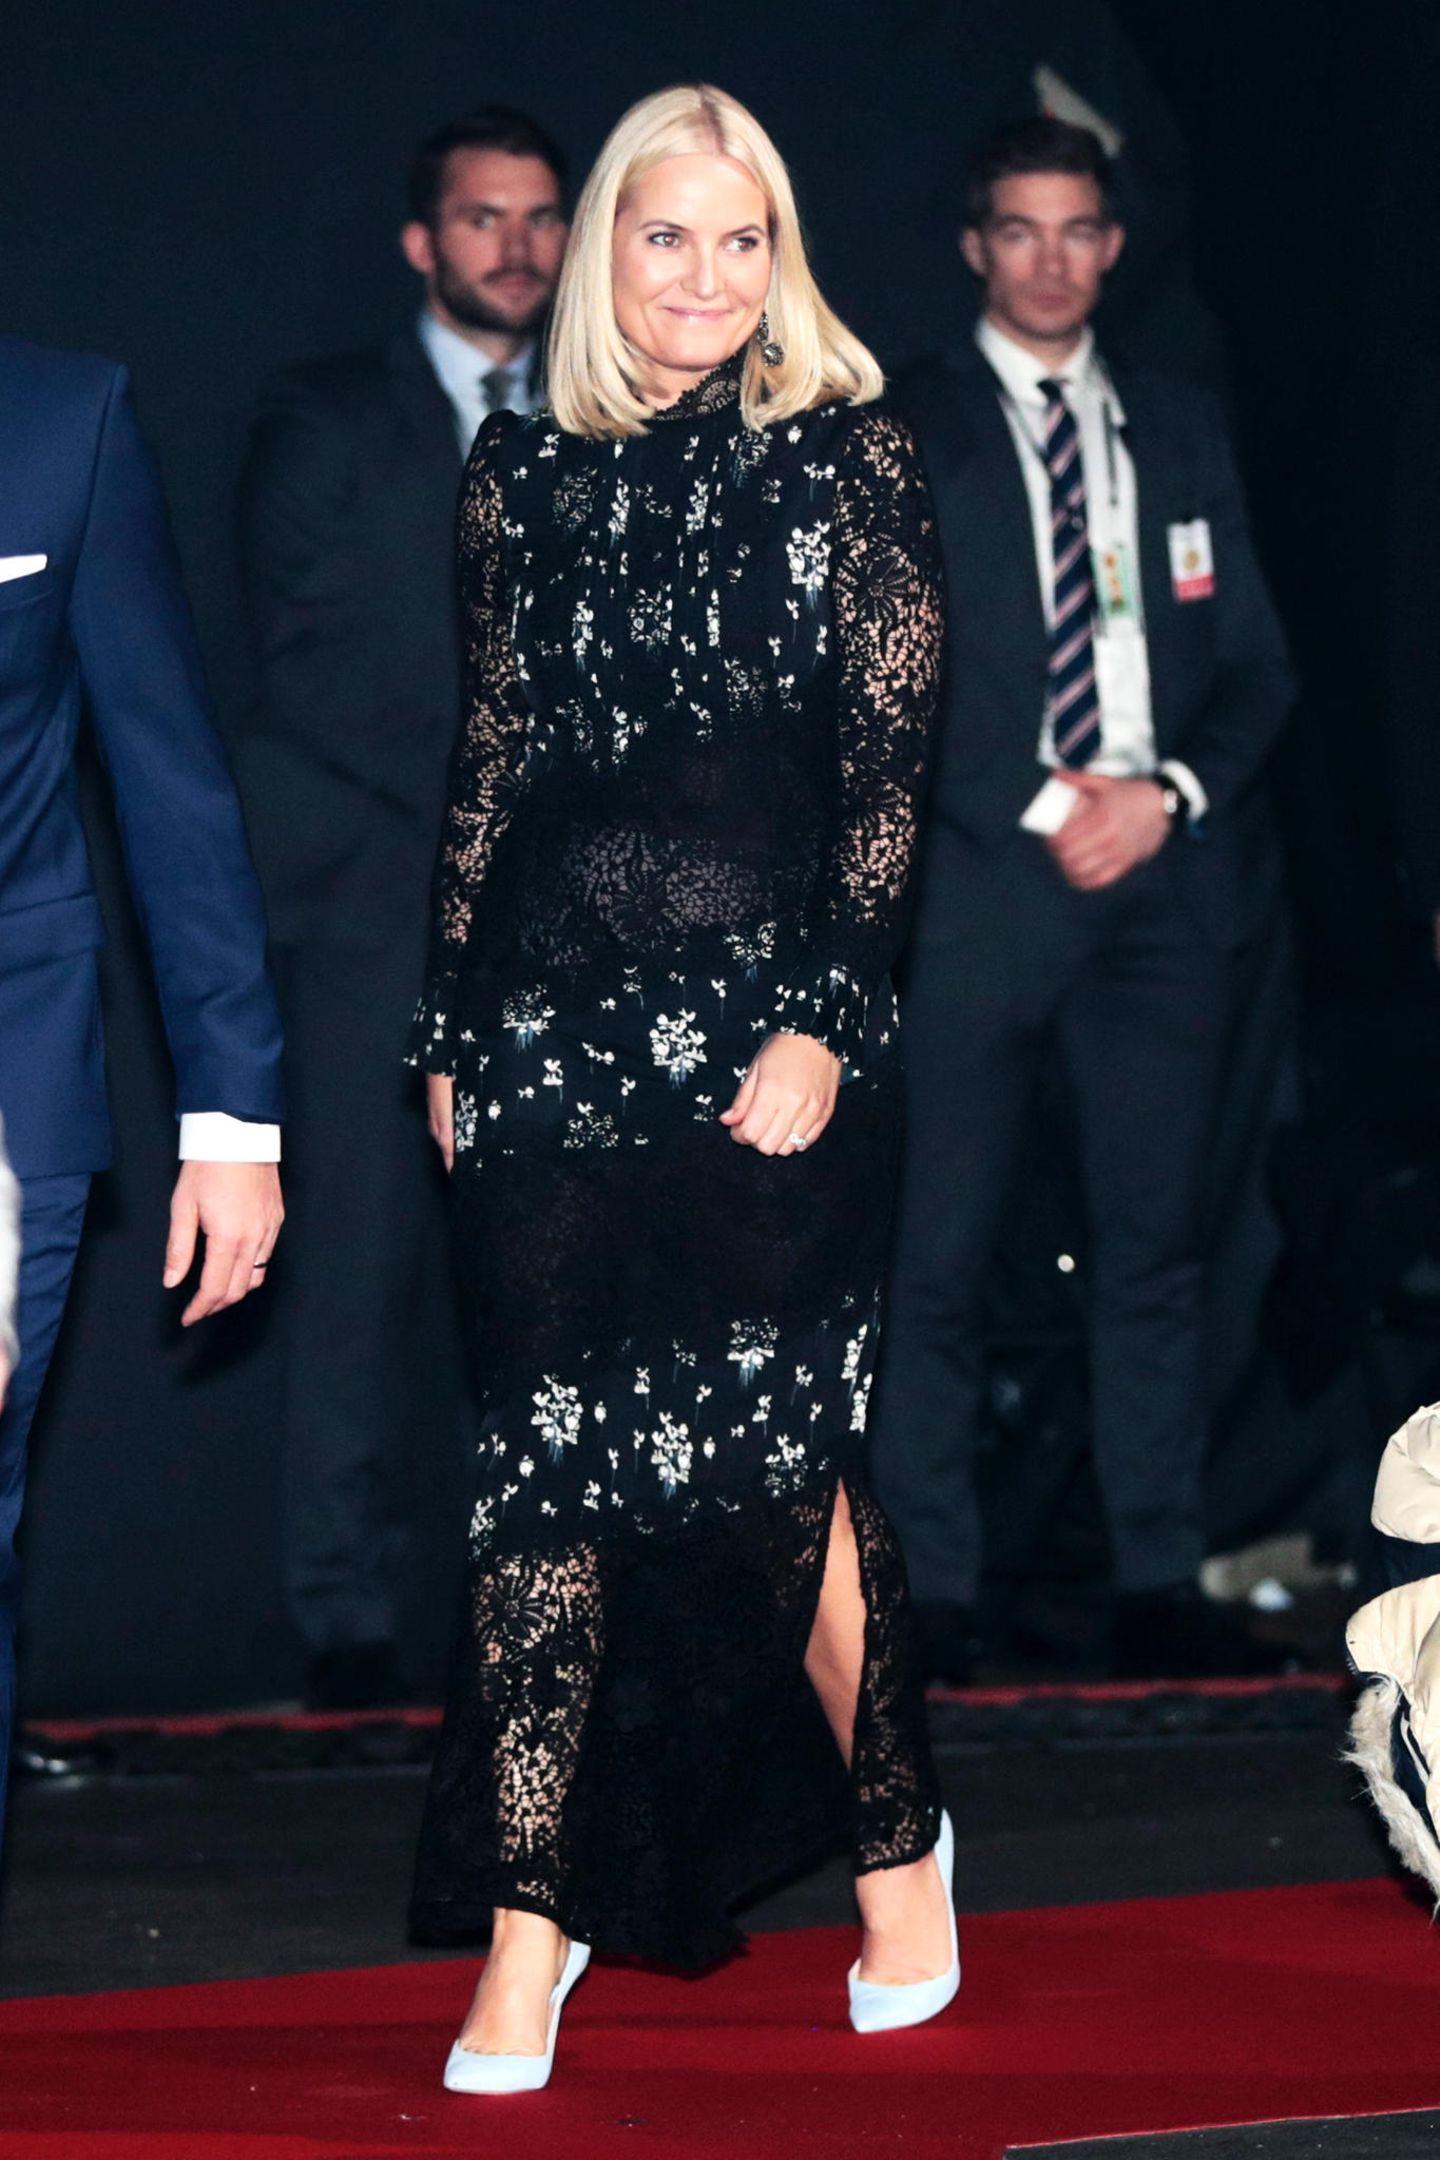 """Beim Friedensnobelpreis-Konzert in der """"Telenor Arena"""" in Oslo feiert Prinzessin Mette-Marit in einem schwarzen Kleid aus Spitze, mit floralen Einsätzen. Ein royaler Auftritt in einem Modell aus der """"Erdem x H&M""""-Kollektion, für rund 299 Euro."""